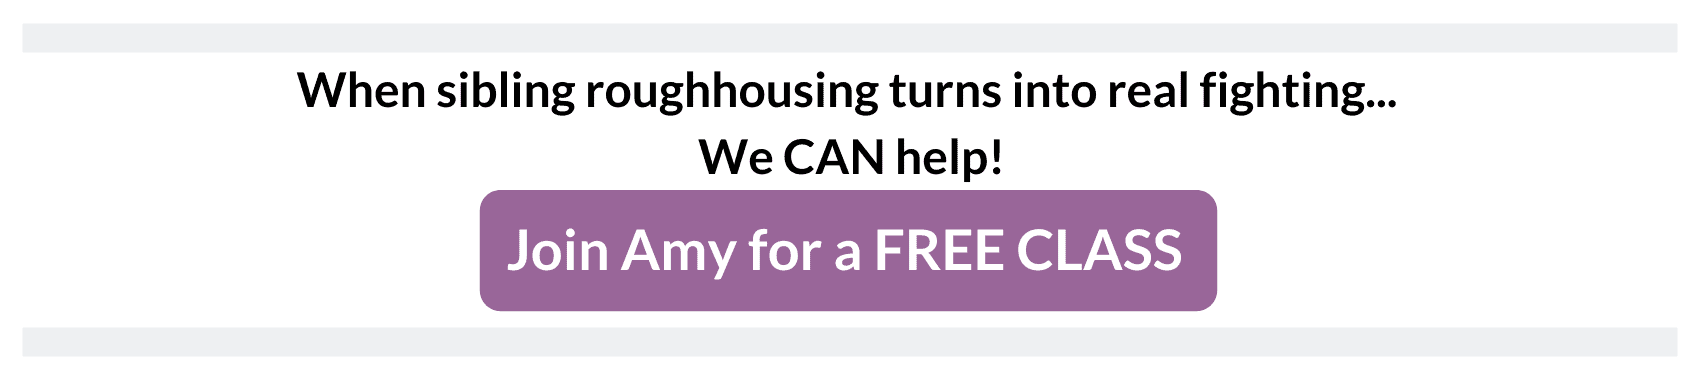 sibling roughhousing